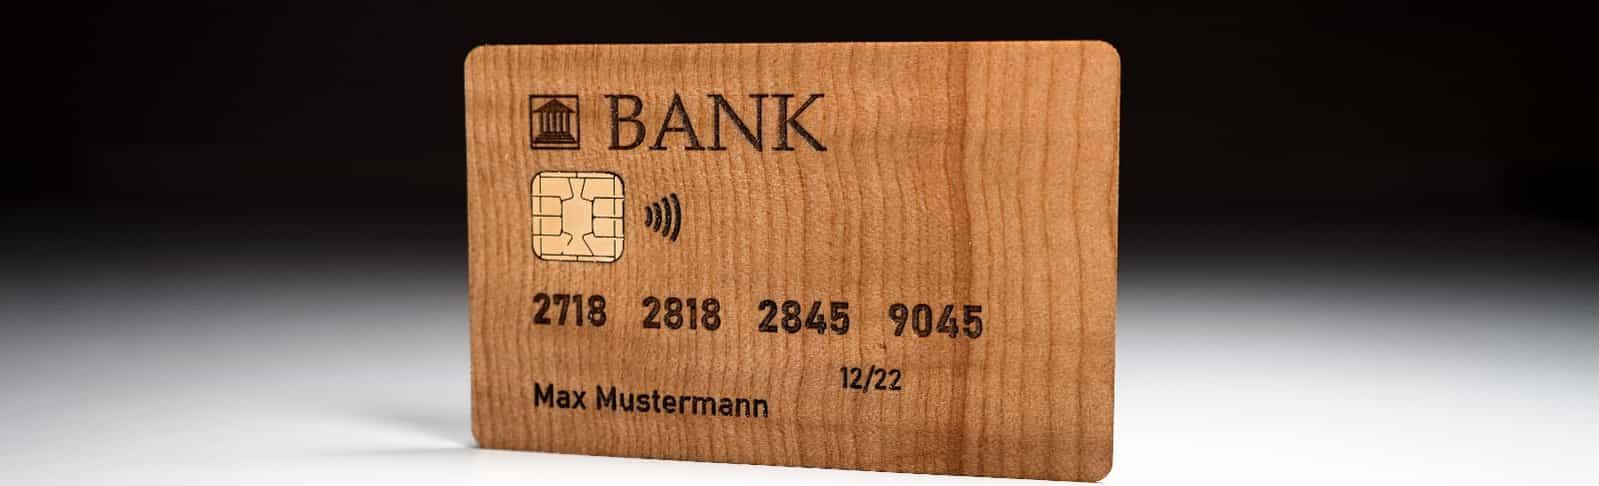 Kreditkarten, Debitkarten und Versicherungskarten